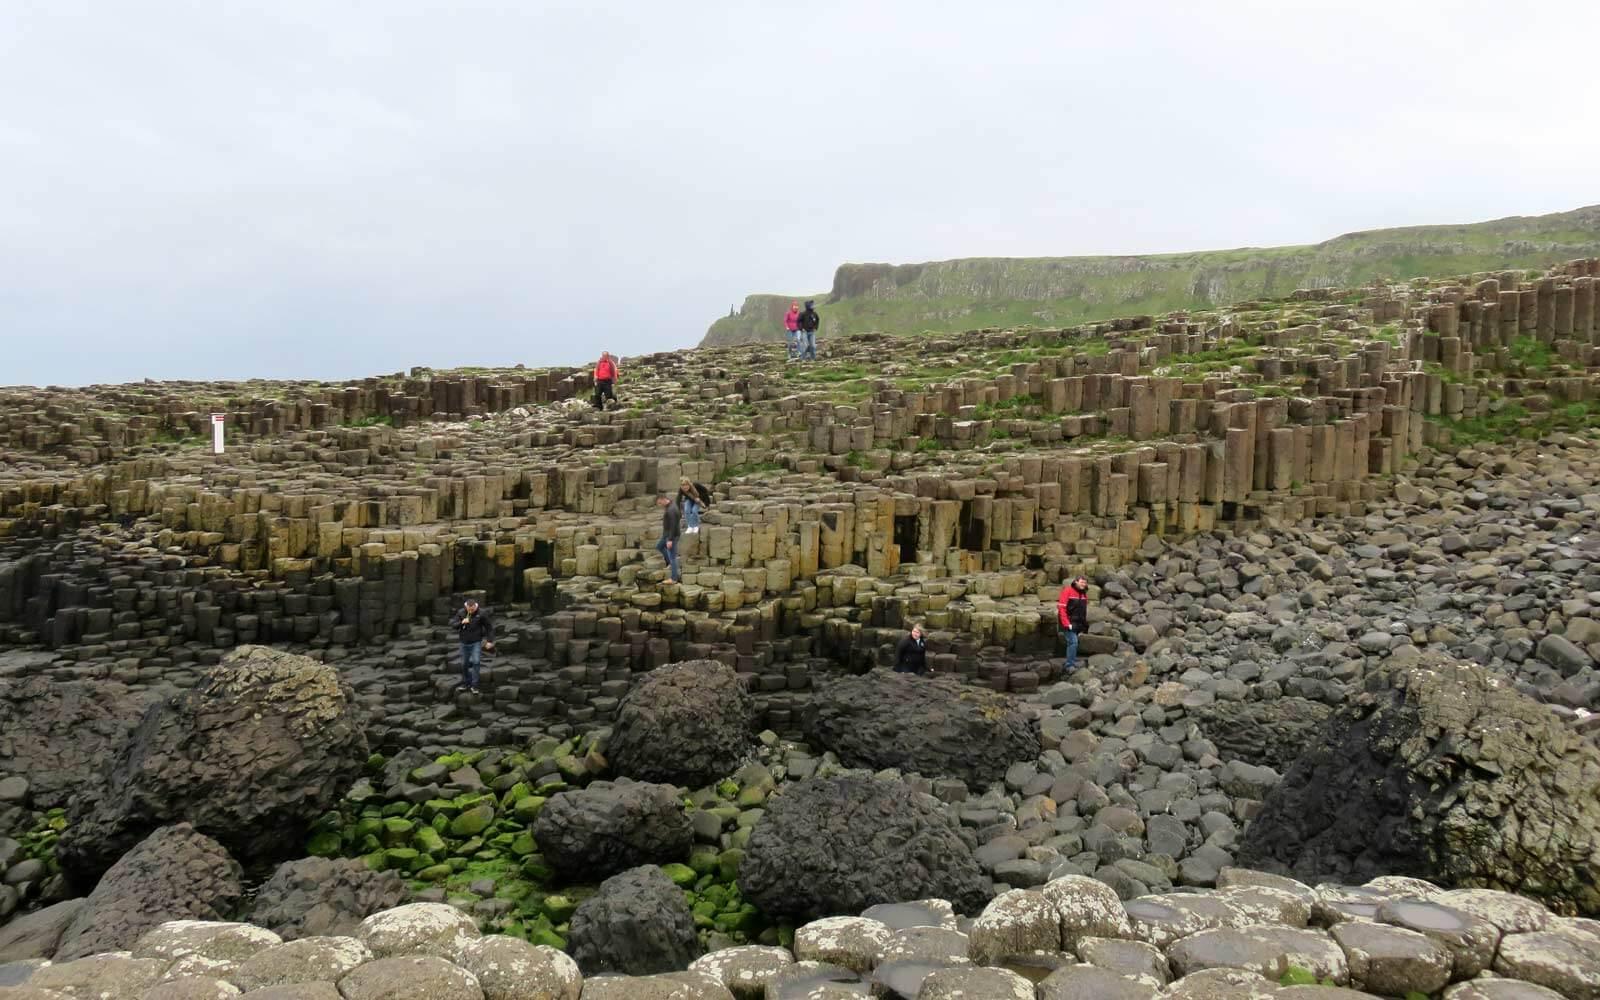 Eine weitere Hauptattraktion: Giant's Causeway Irland